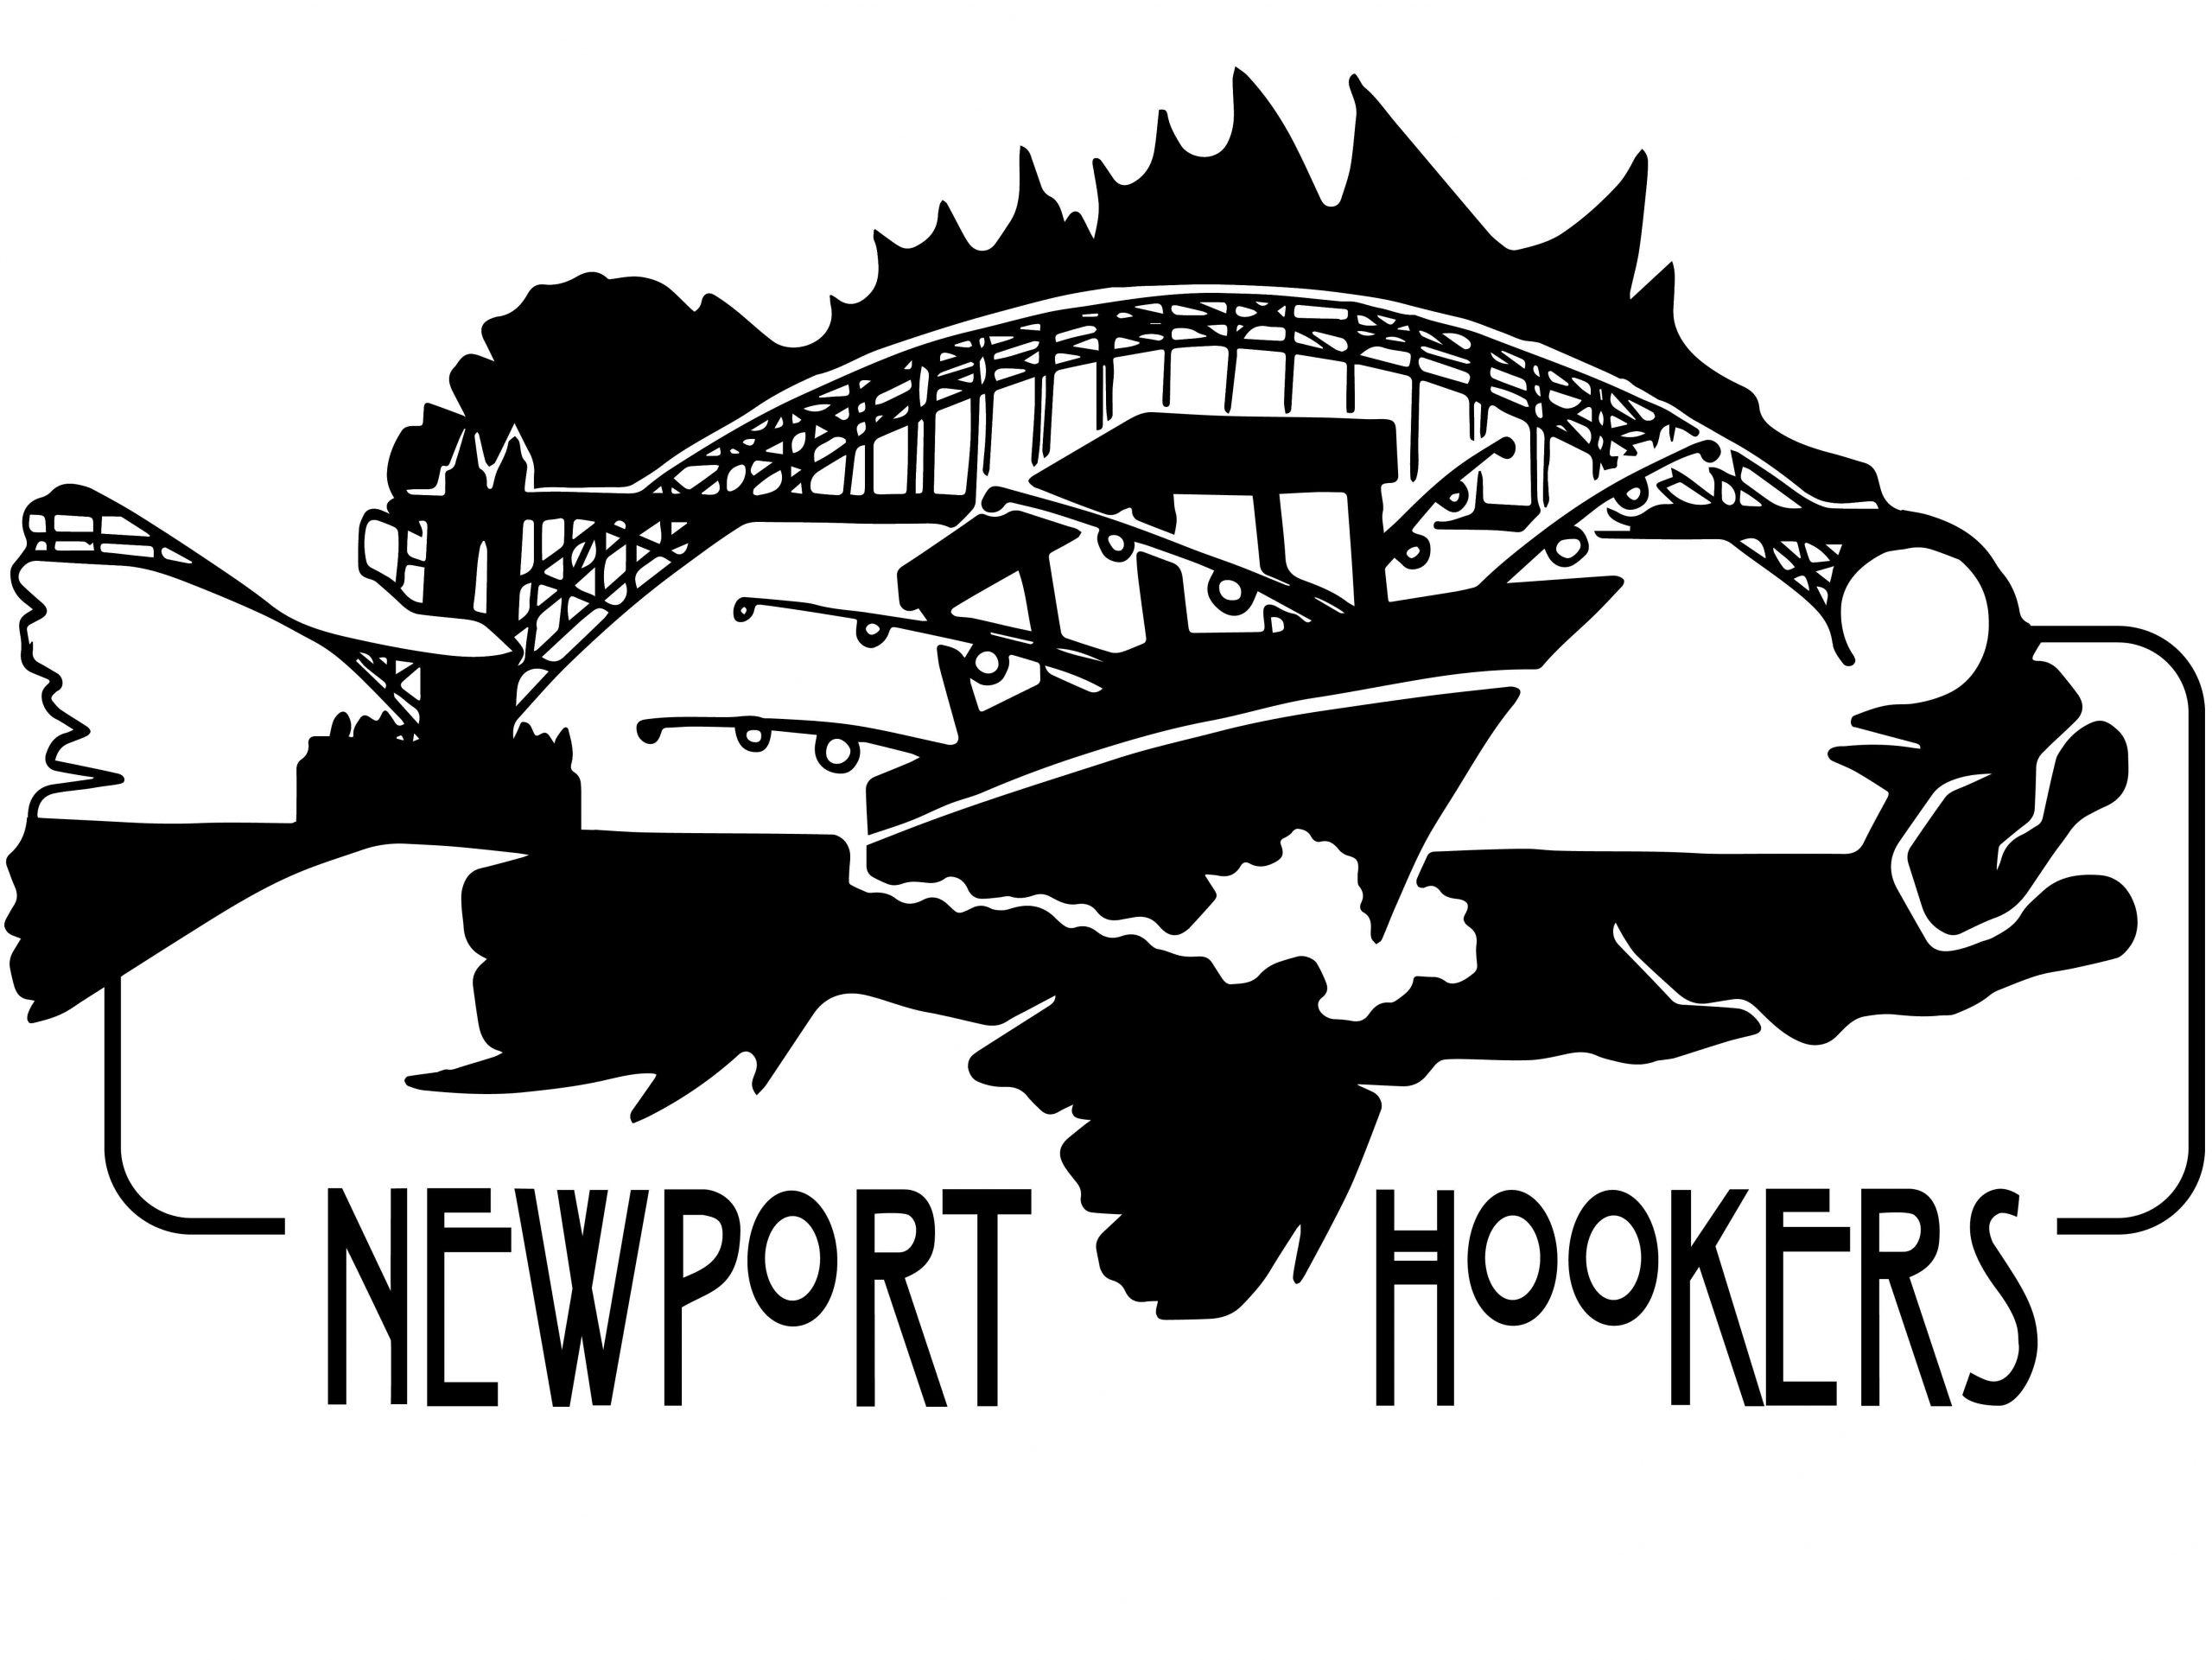 Newport Hookers